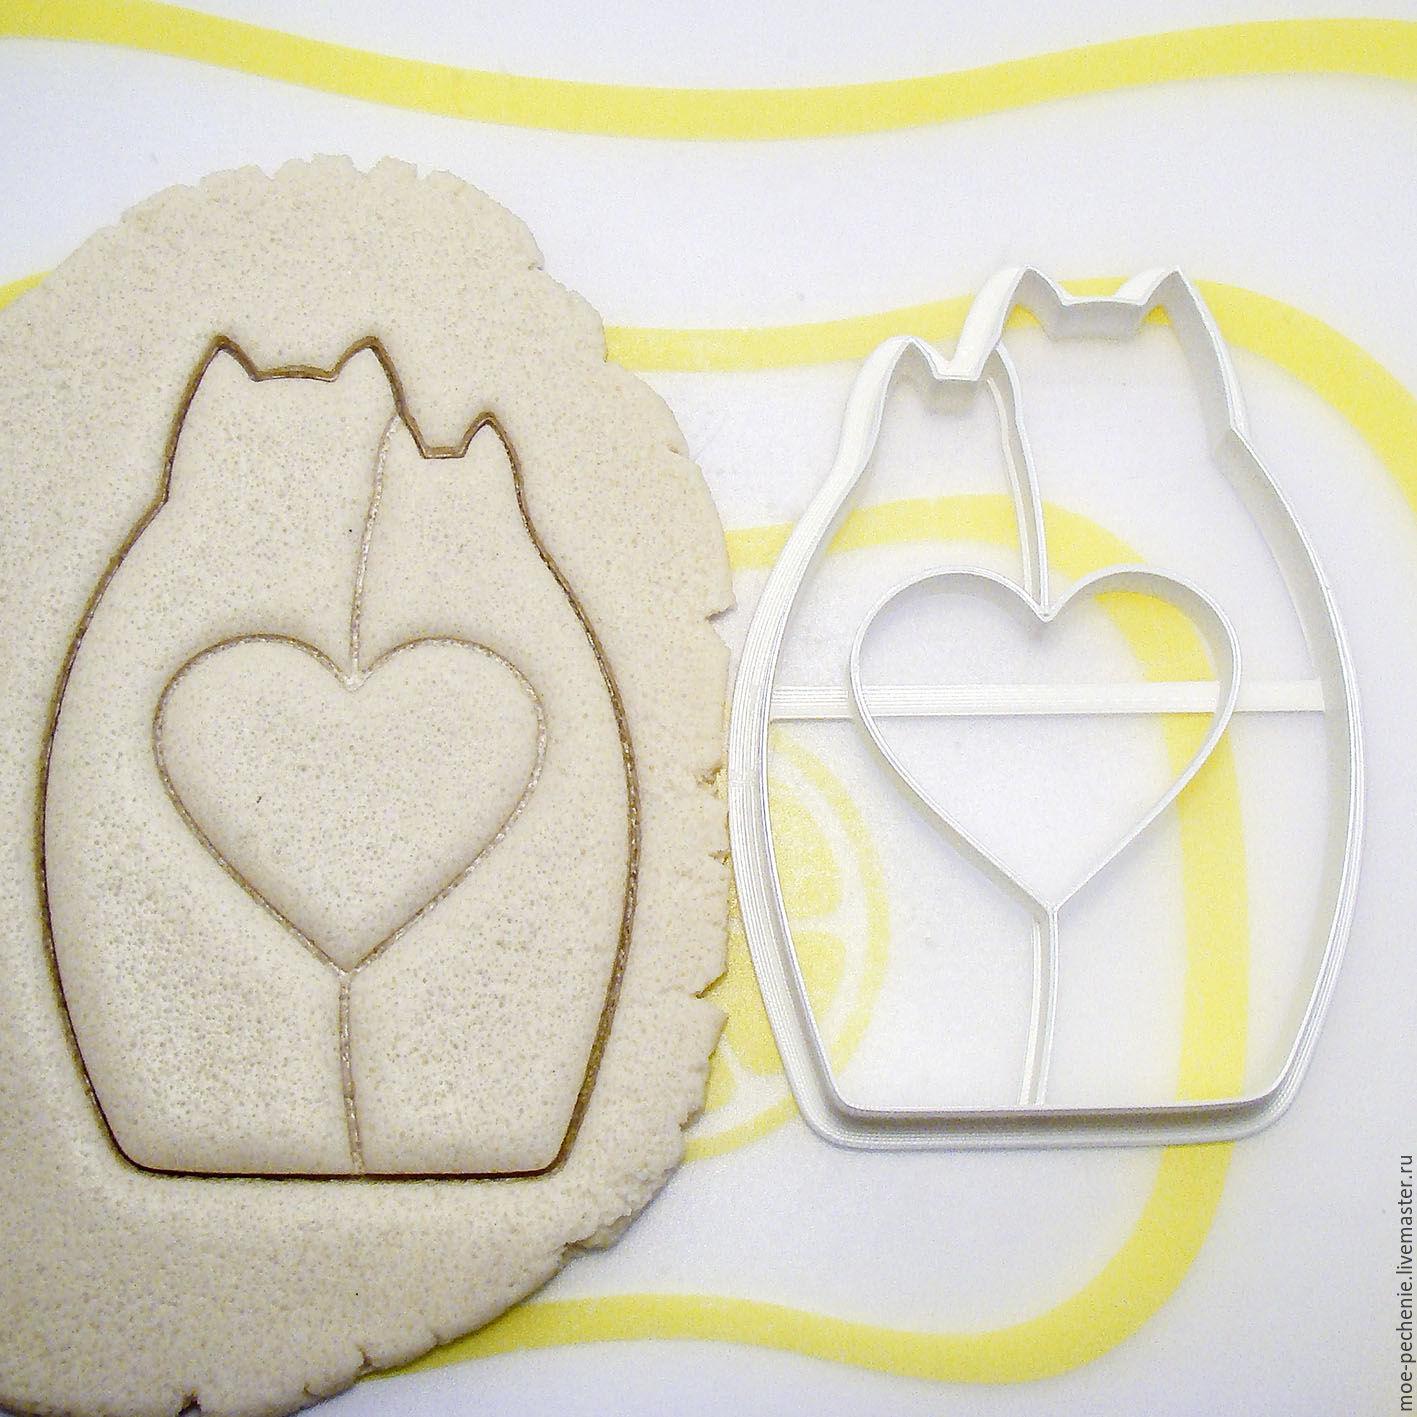 Соленое тесто поделки шаблоны для поделок